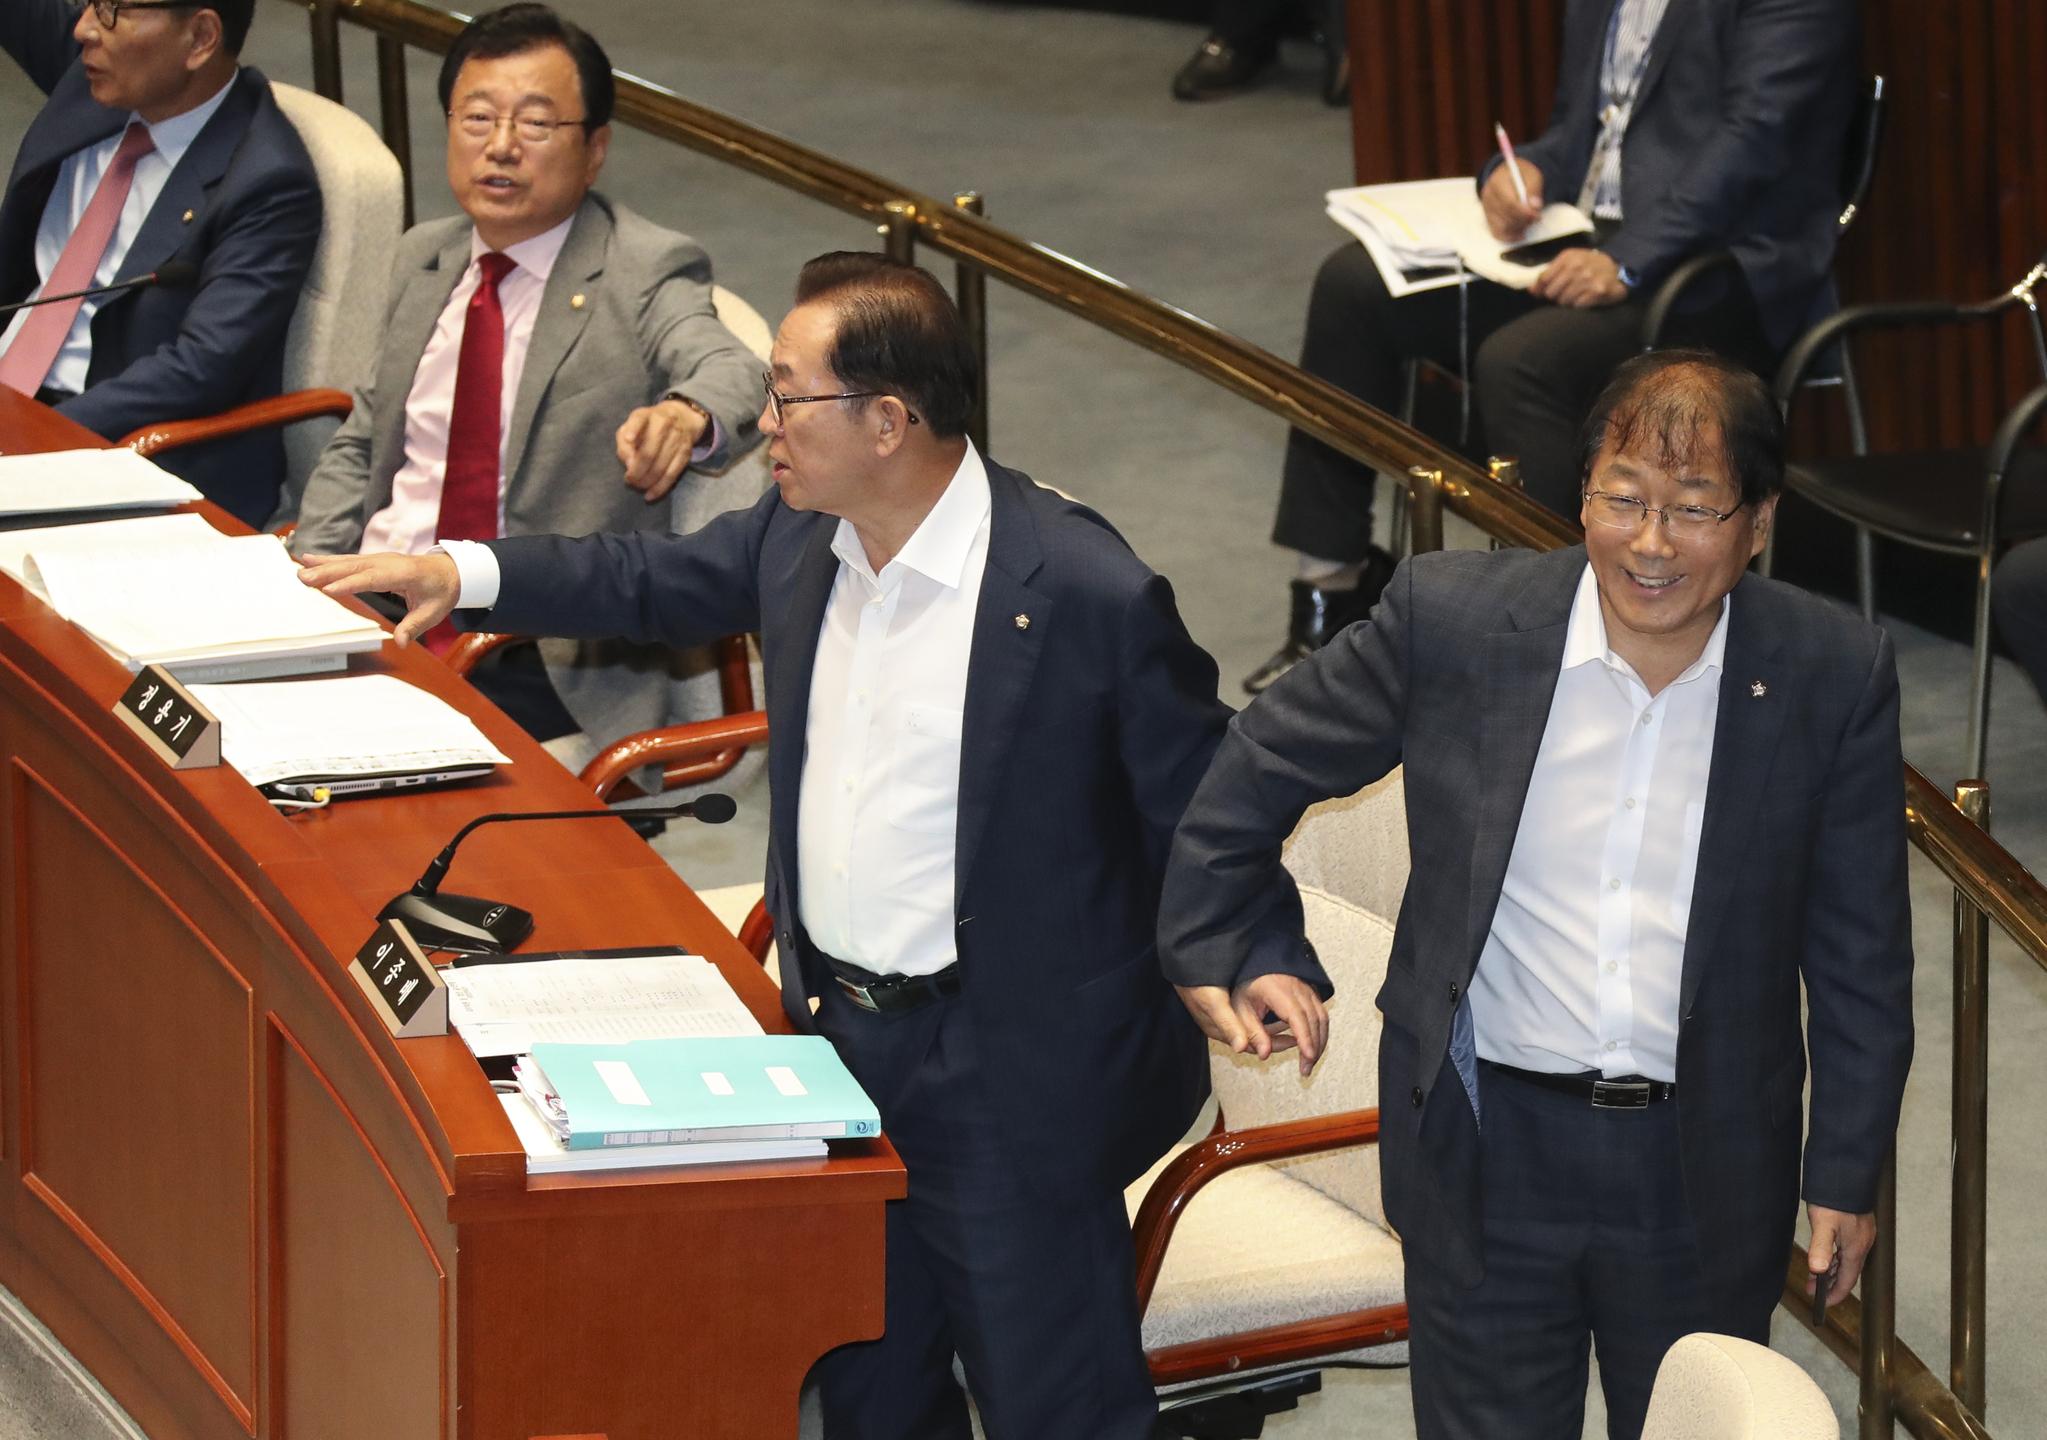 윤후덕 민주당 간사(오른쪽)가 의장에게 항의하는 이종배 자유한국당 간사의 팔을 잡으며 밖으로 나가서 대화할 것을 제의 하고 있다.  임현동 기자